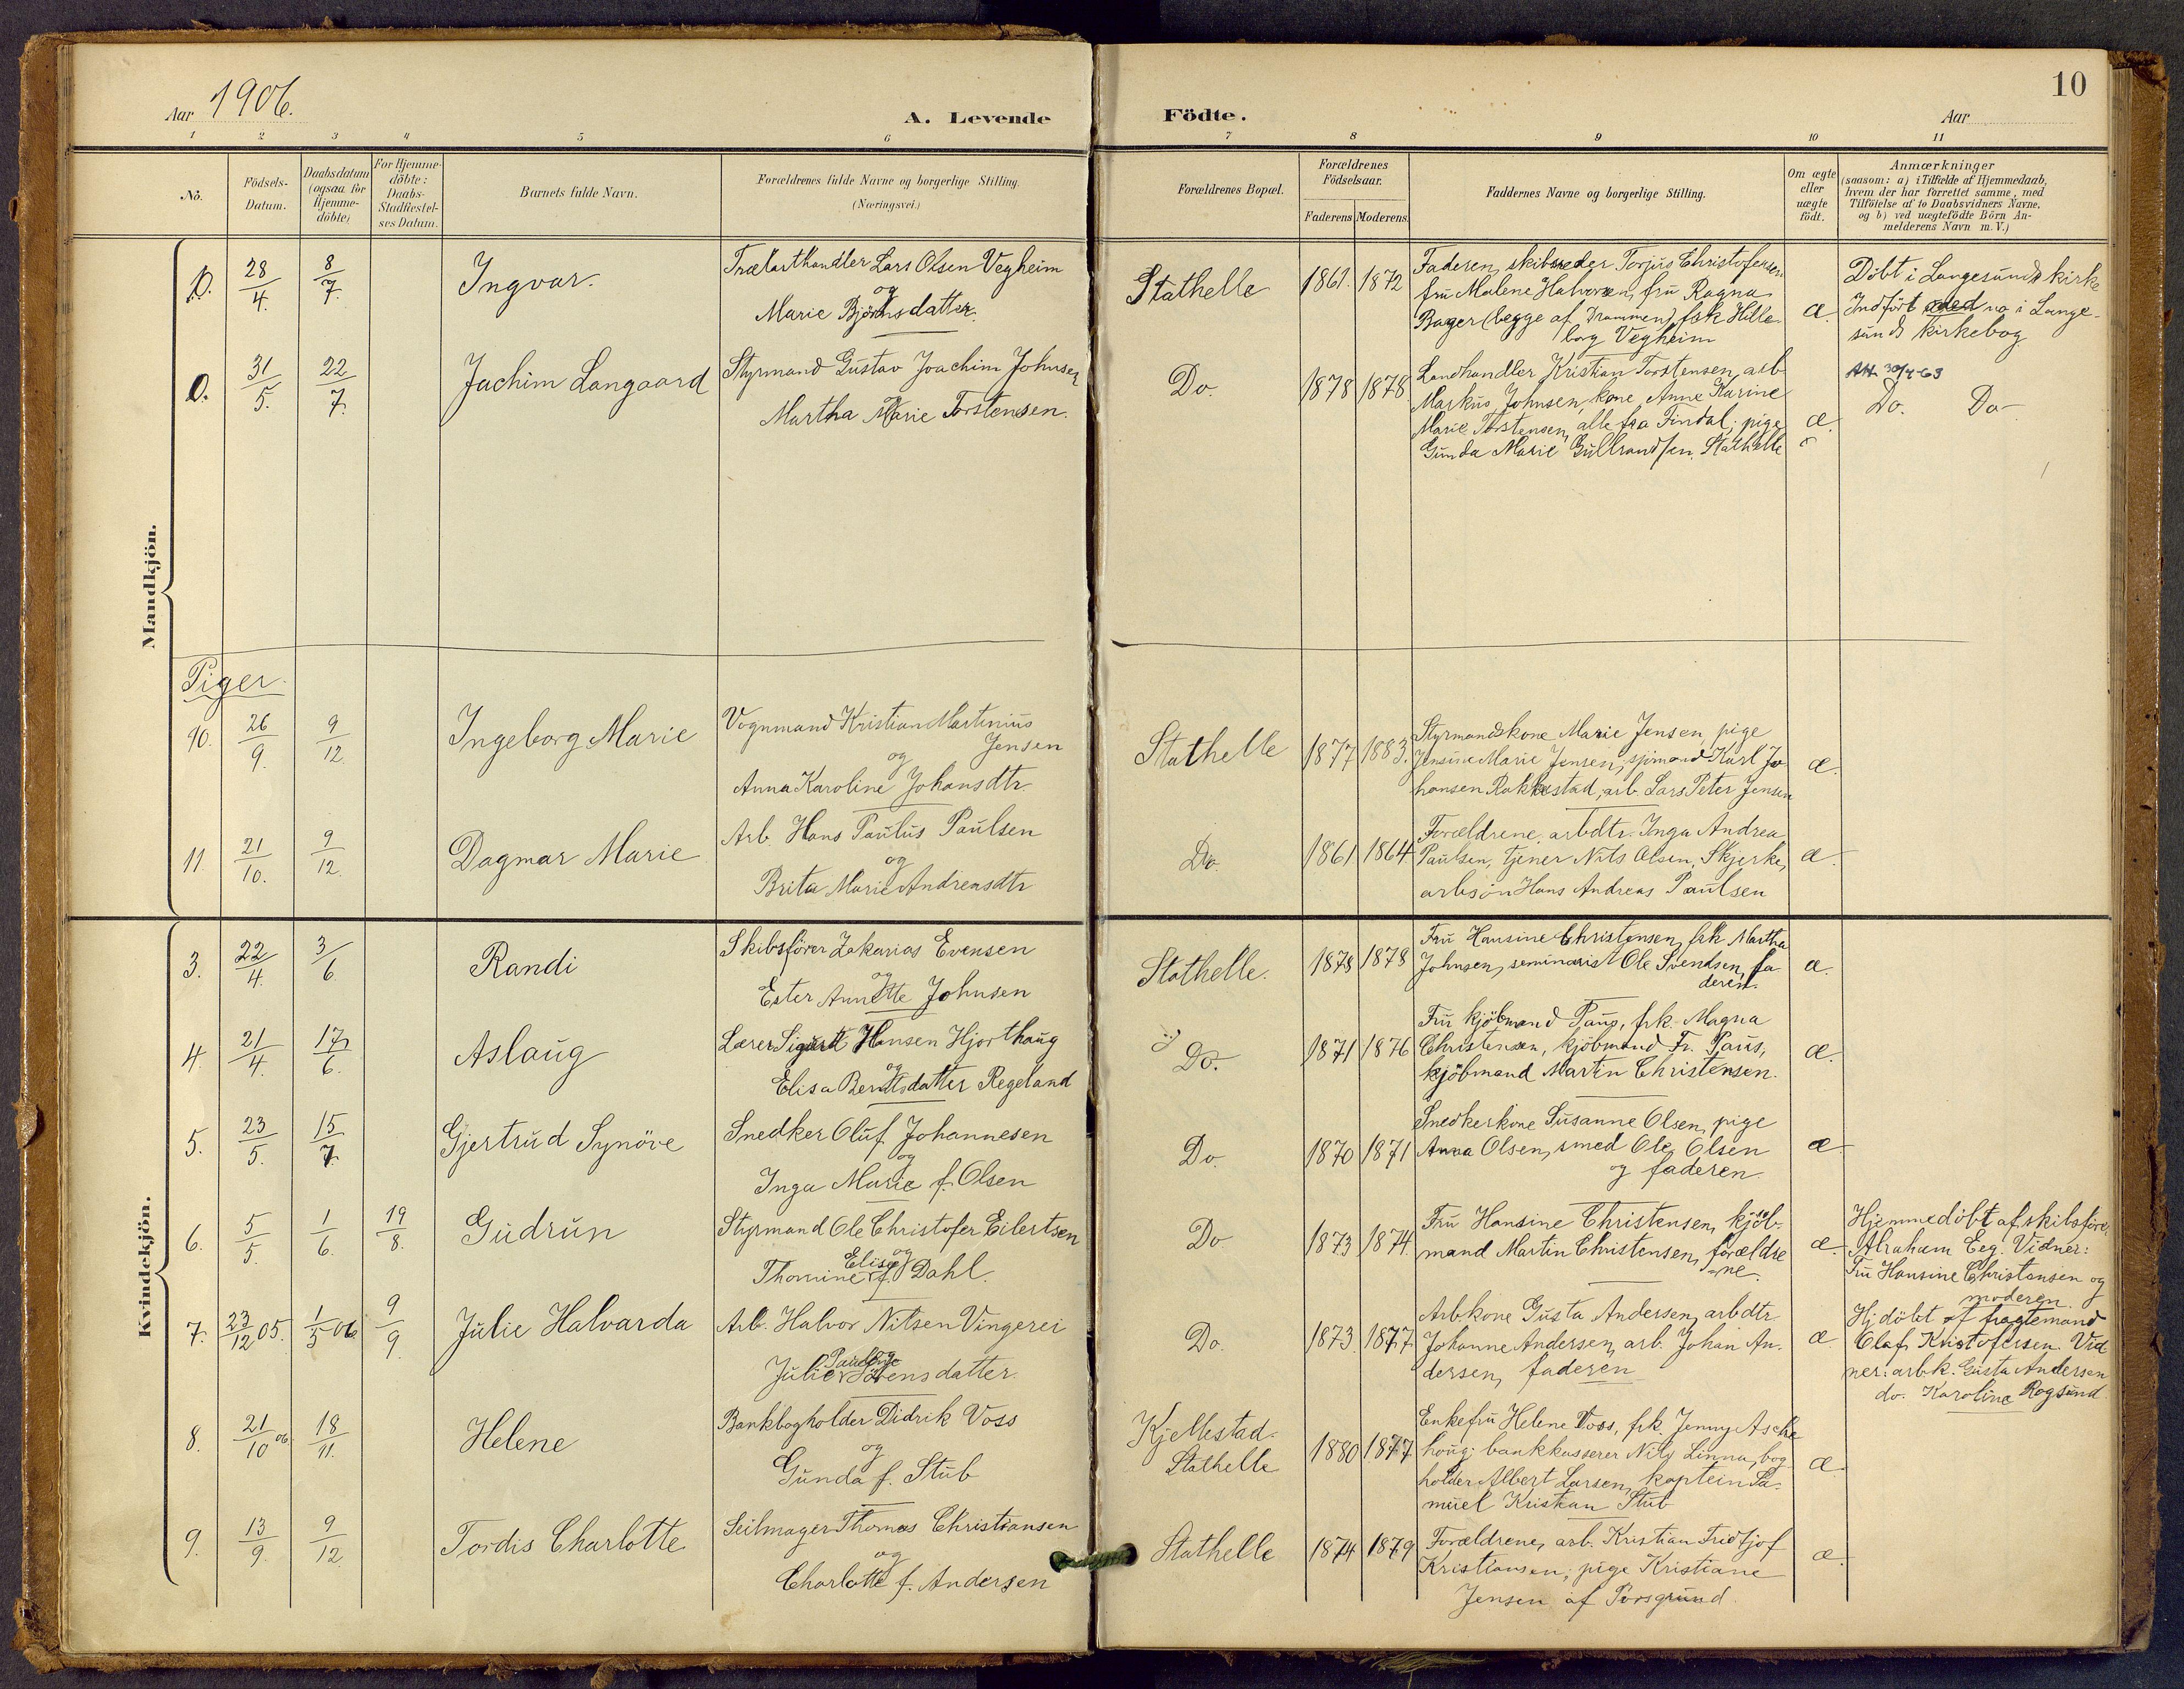 SAKO, Bamble kirkebøker, F/Fb/L0002: Ministerialbok nr. II 2, 1900-1921, s. 10